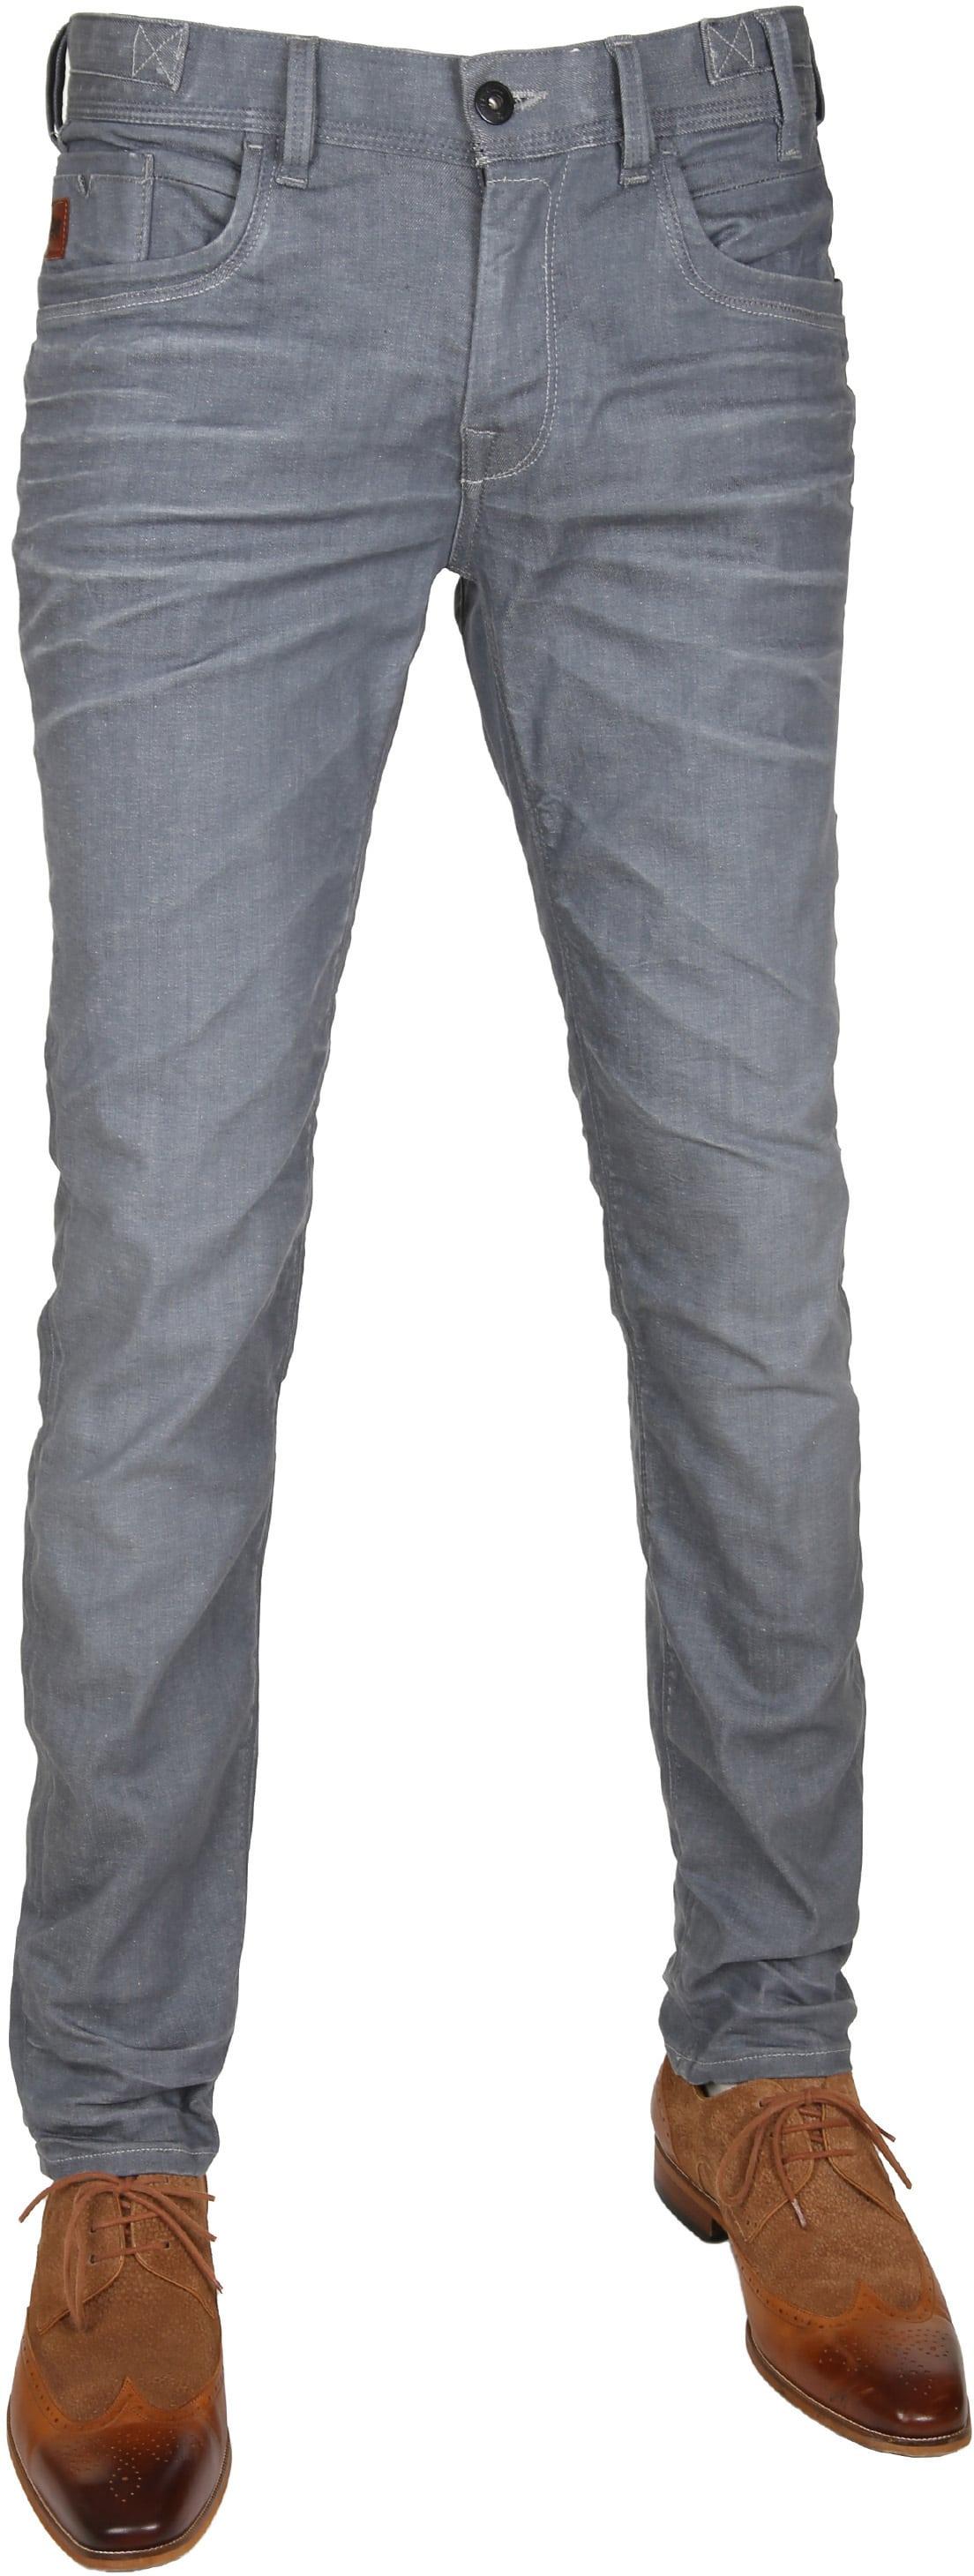 Vanguard V8 Jeans Bleached Dunkelgrau foto 0